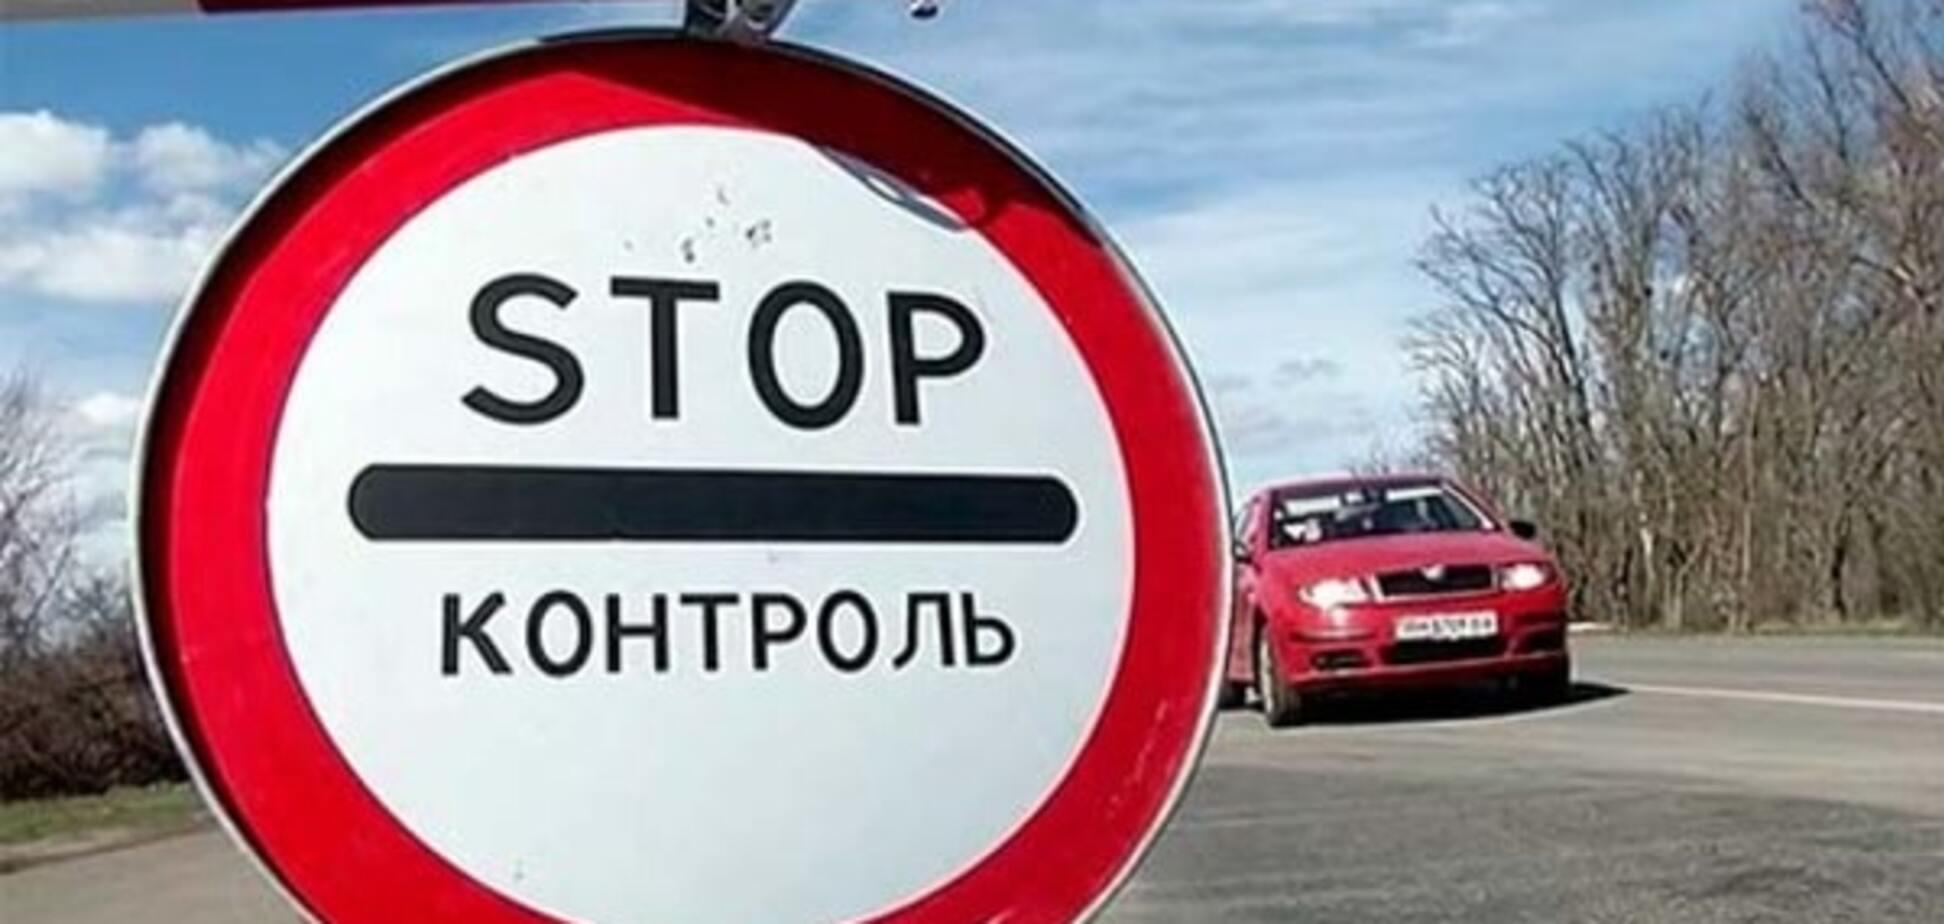 В международном розыске: на въезде в Крым ФСБ задержала украинца